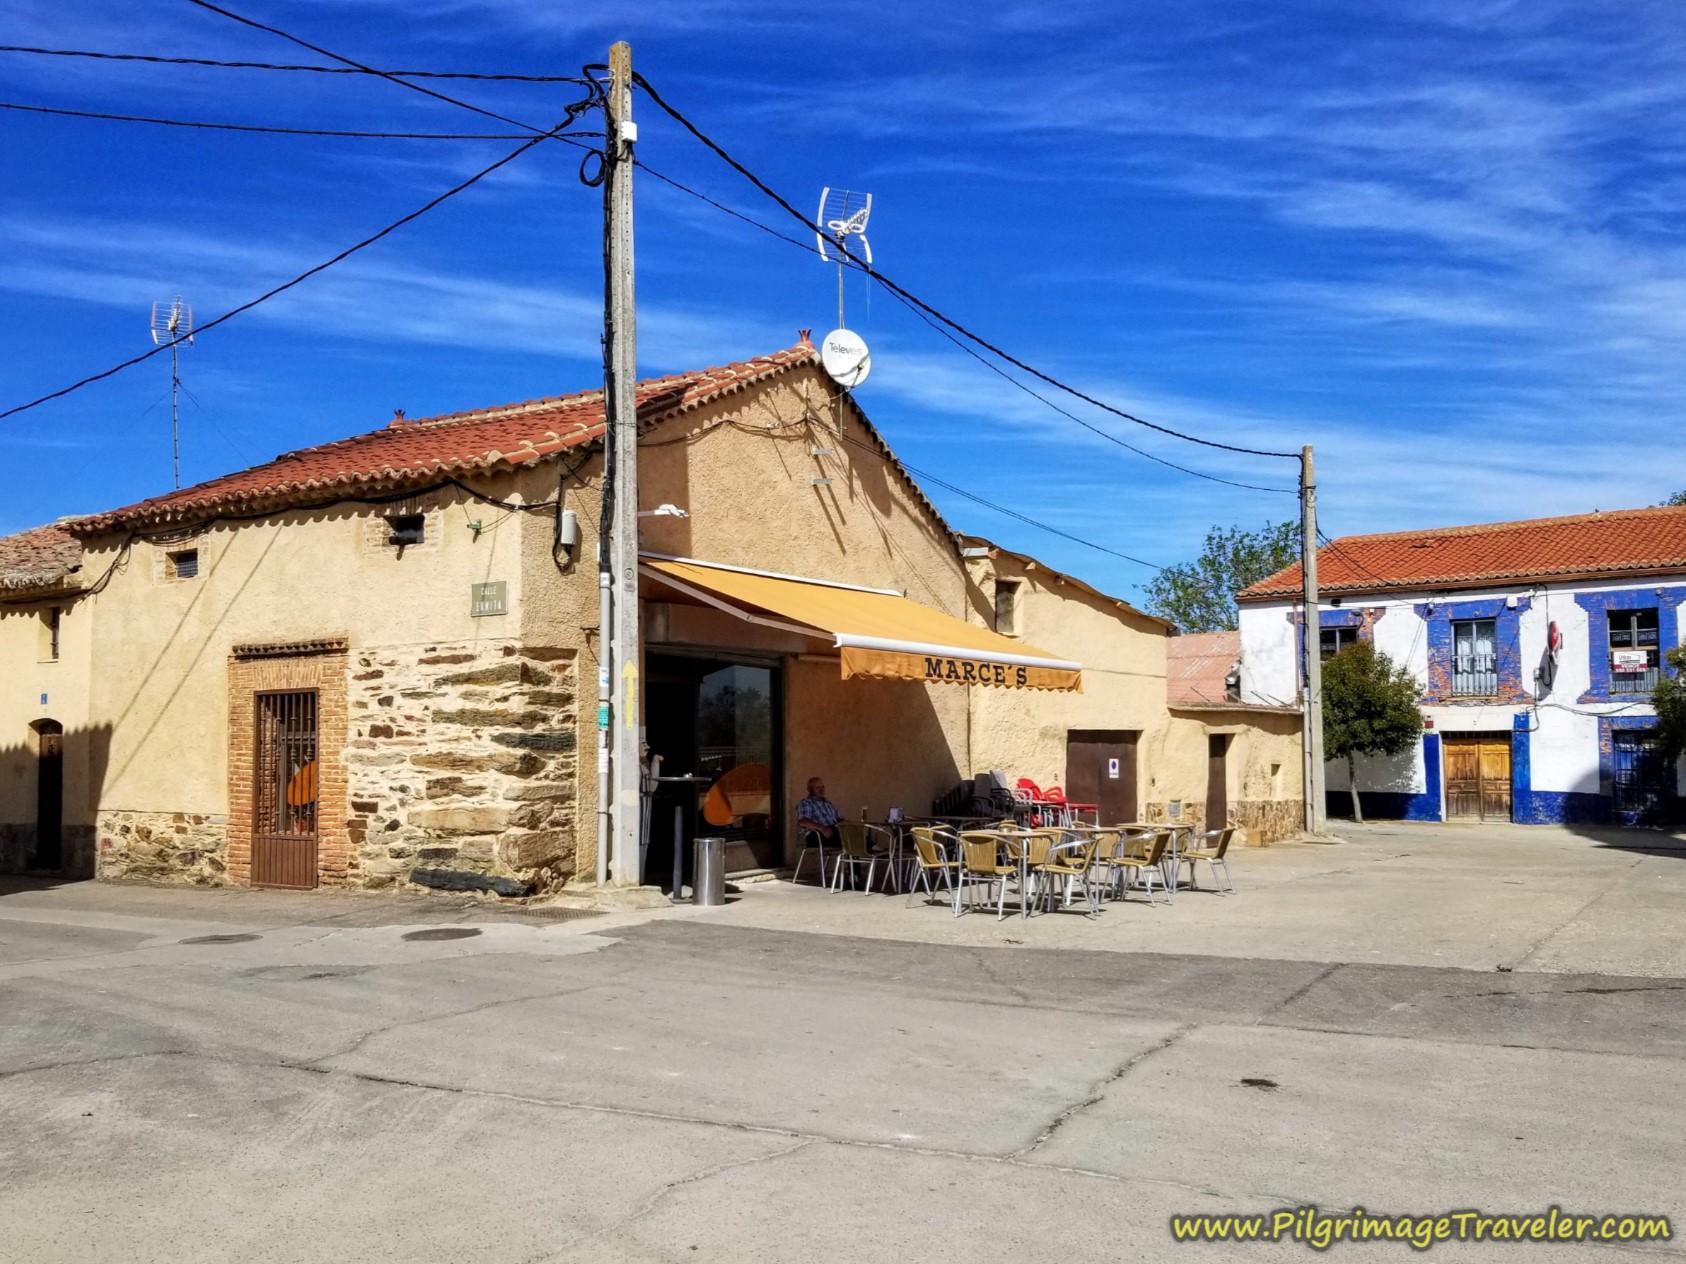 Café Bar Marce's on the Vía de la Plata from Zamora to Montamarta